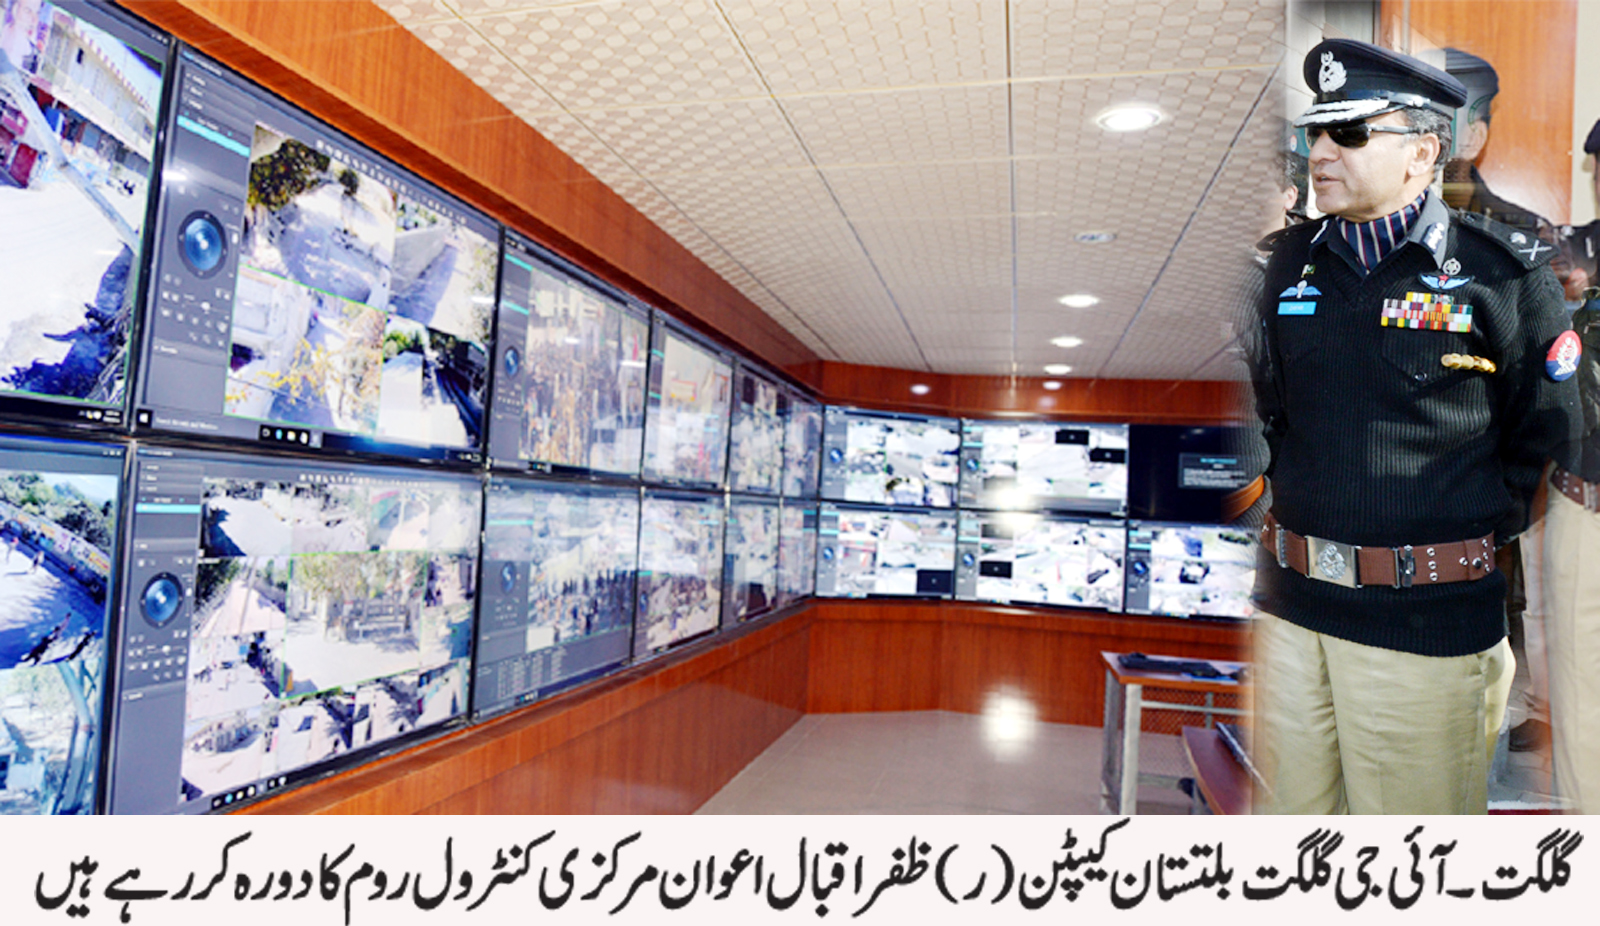 کنٹرول روم میں کیمروں کے زریعے مشکوک افراد اور مشکوک گاڑیوں پر کڑی نظر رکھیں، انسپکٹر جنرل آف پولیس گلگت بلتستان